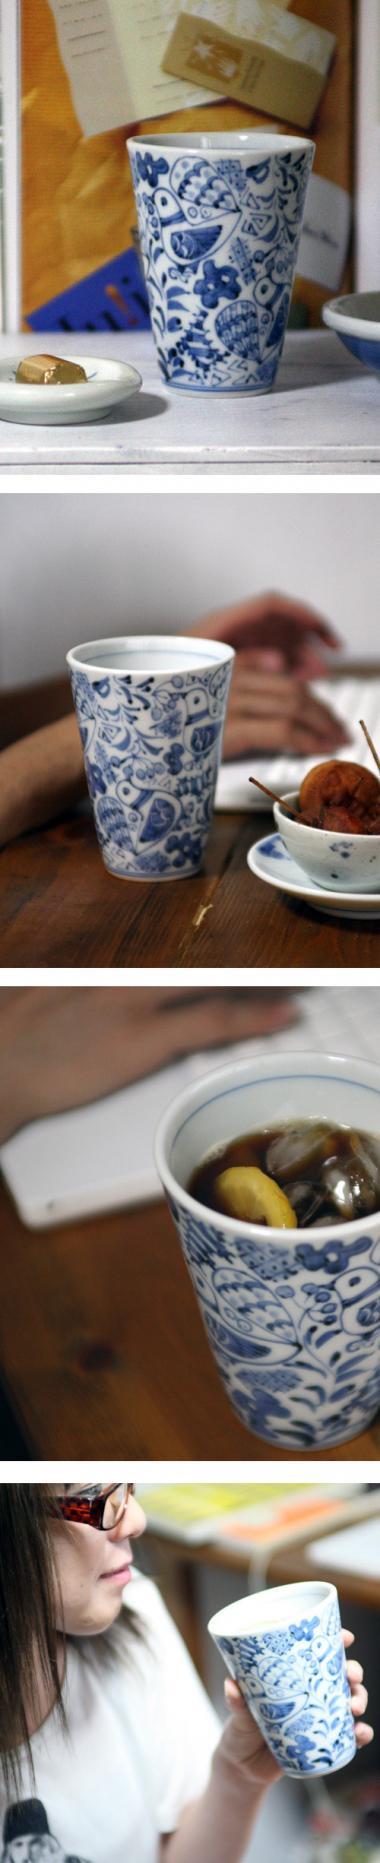 陽貴窯,径約9.5cm×高約12.5cm,磁器